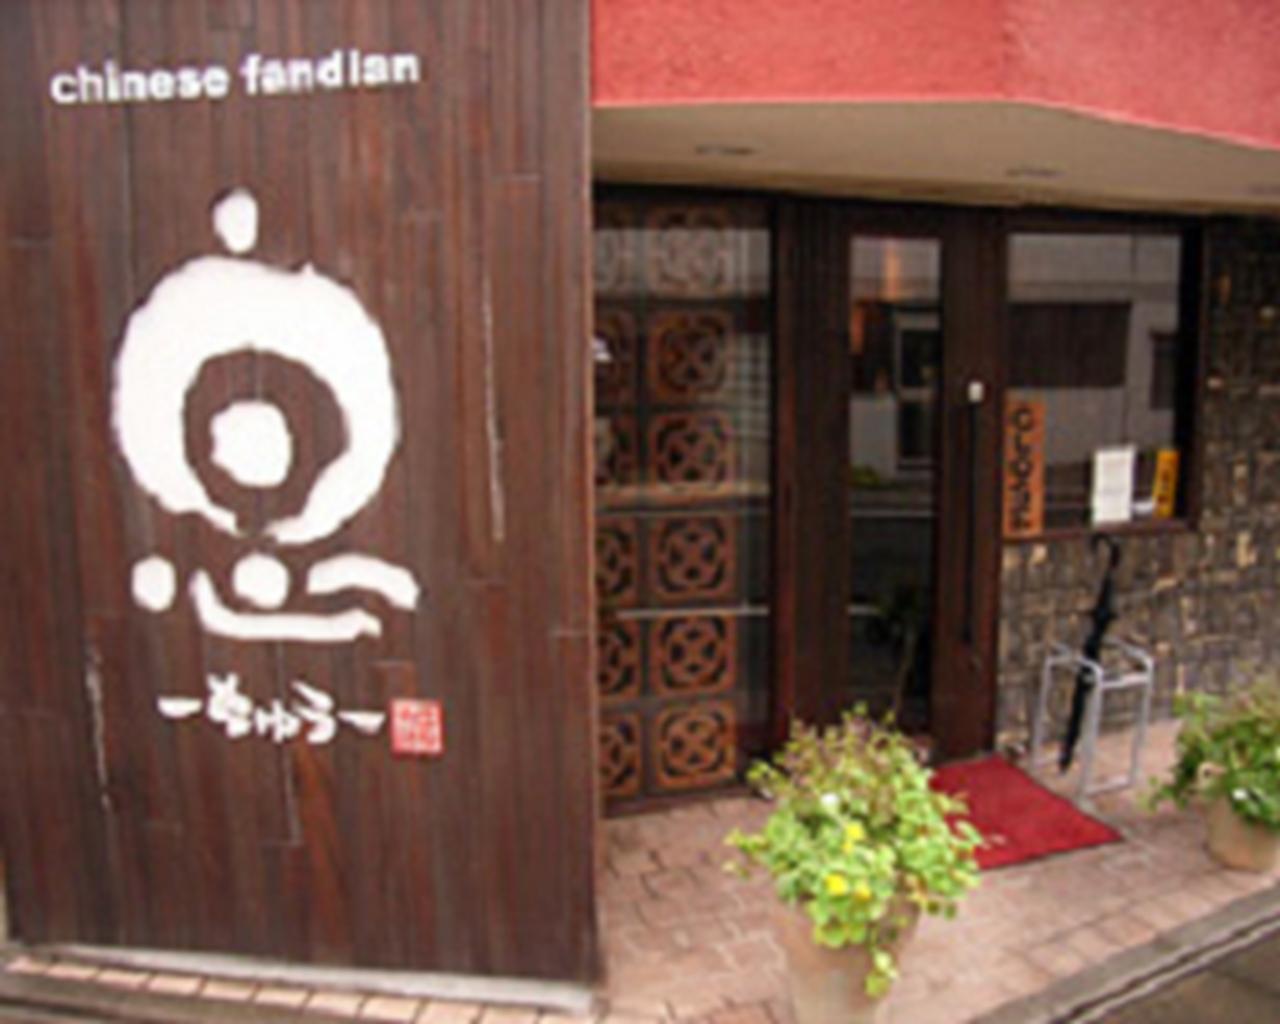 chinese fandian忠